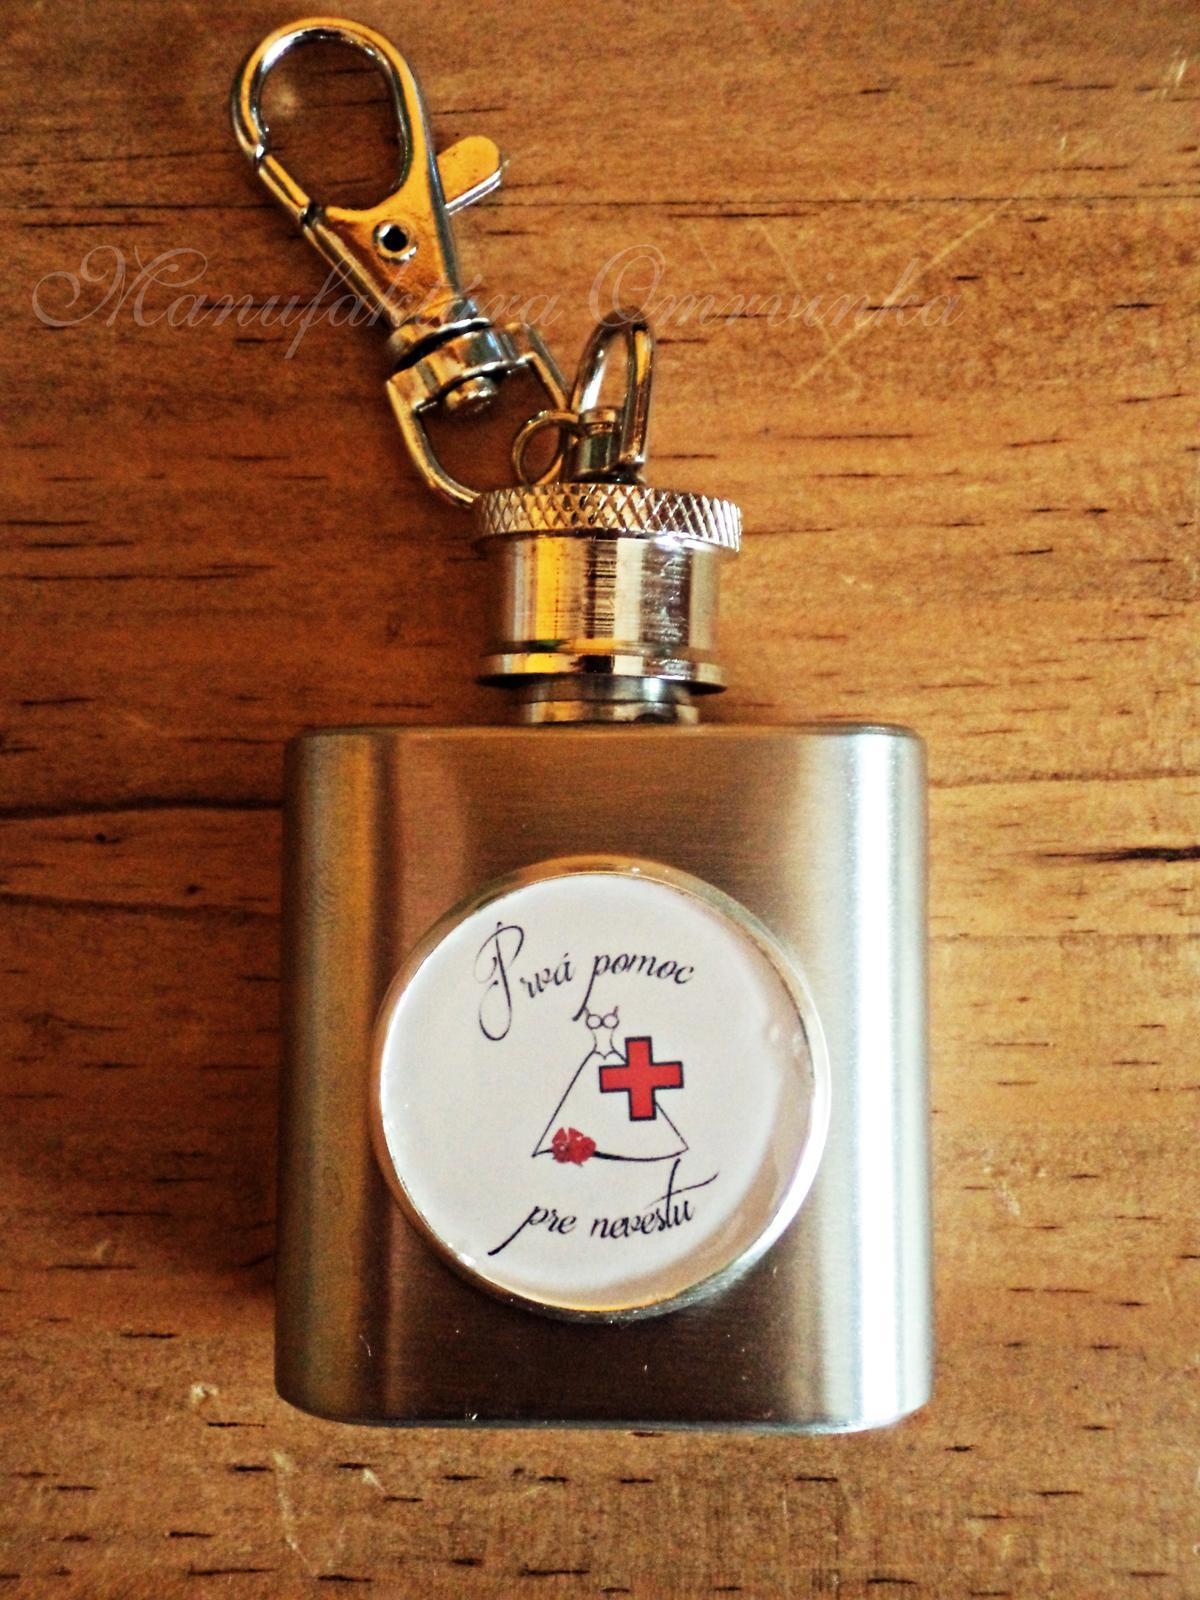 Mini ploskačky, otárače fliaš a otvárače obálok - Obrázok č. 2